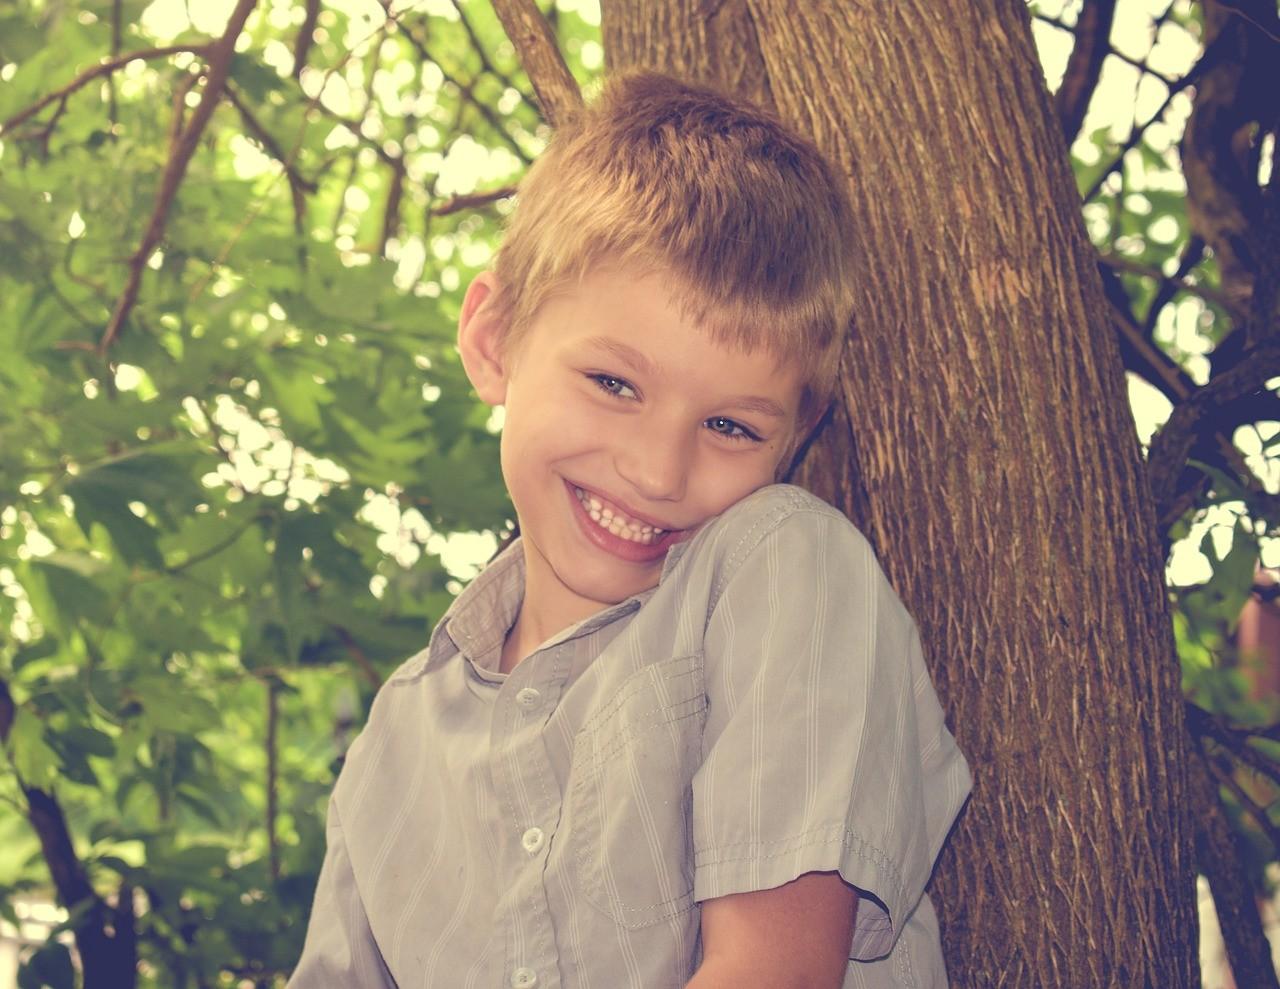 Autismo infantile: cos'è, quali sono le cause e come riconoscerlo